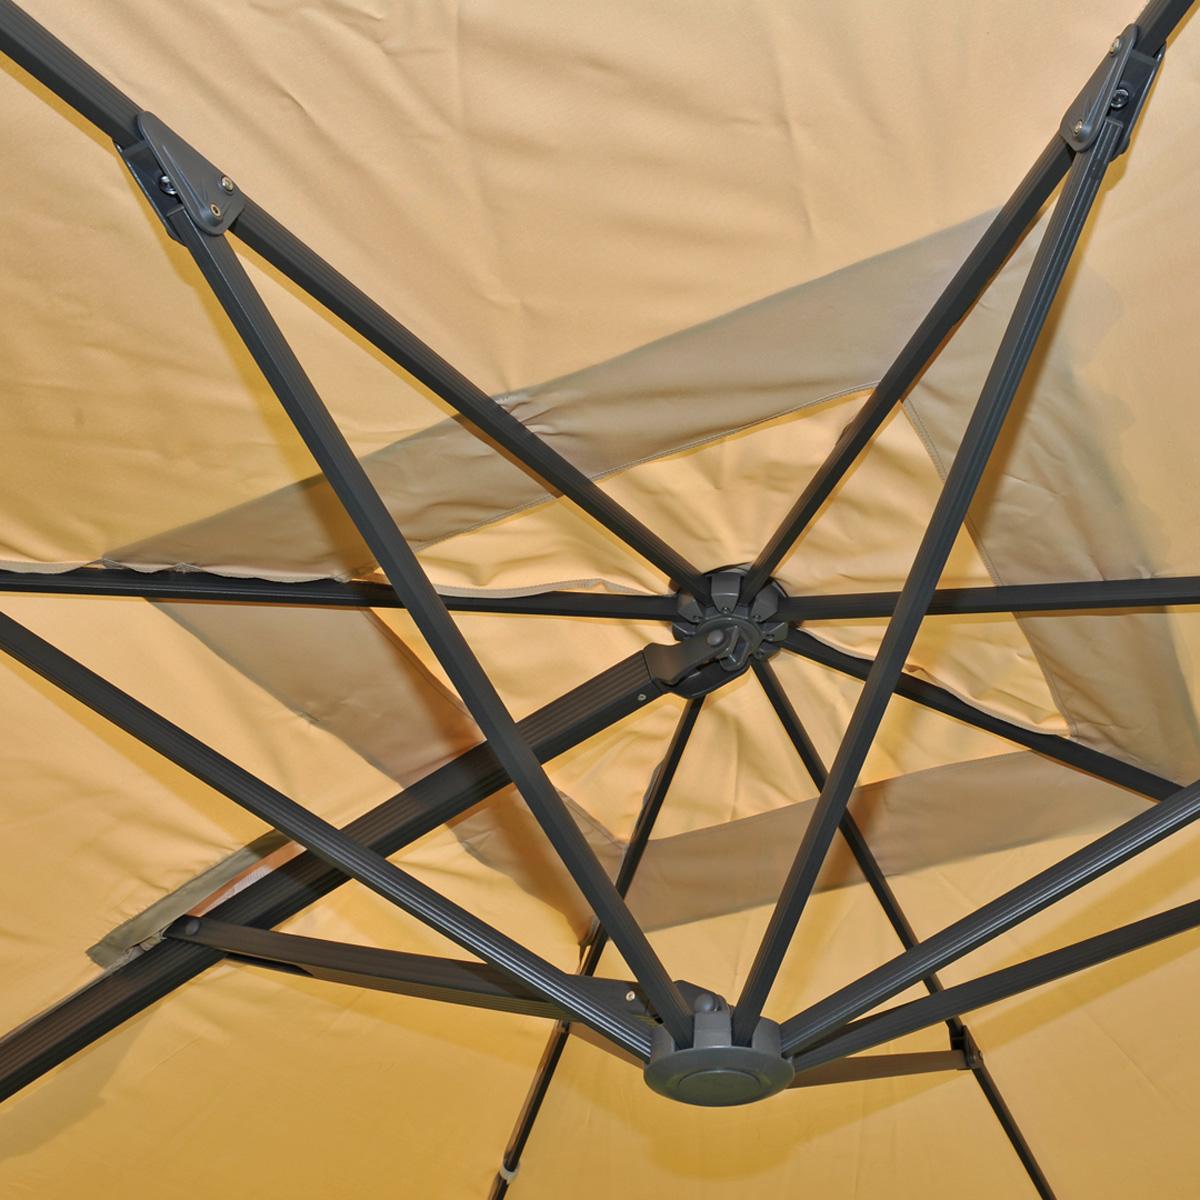 Gastronomie-Alu-Luxus-Doppel-Ampelschirm T44 Detailansicht Streben